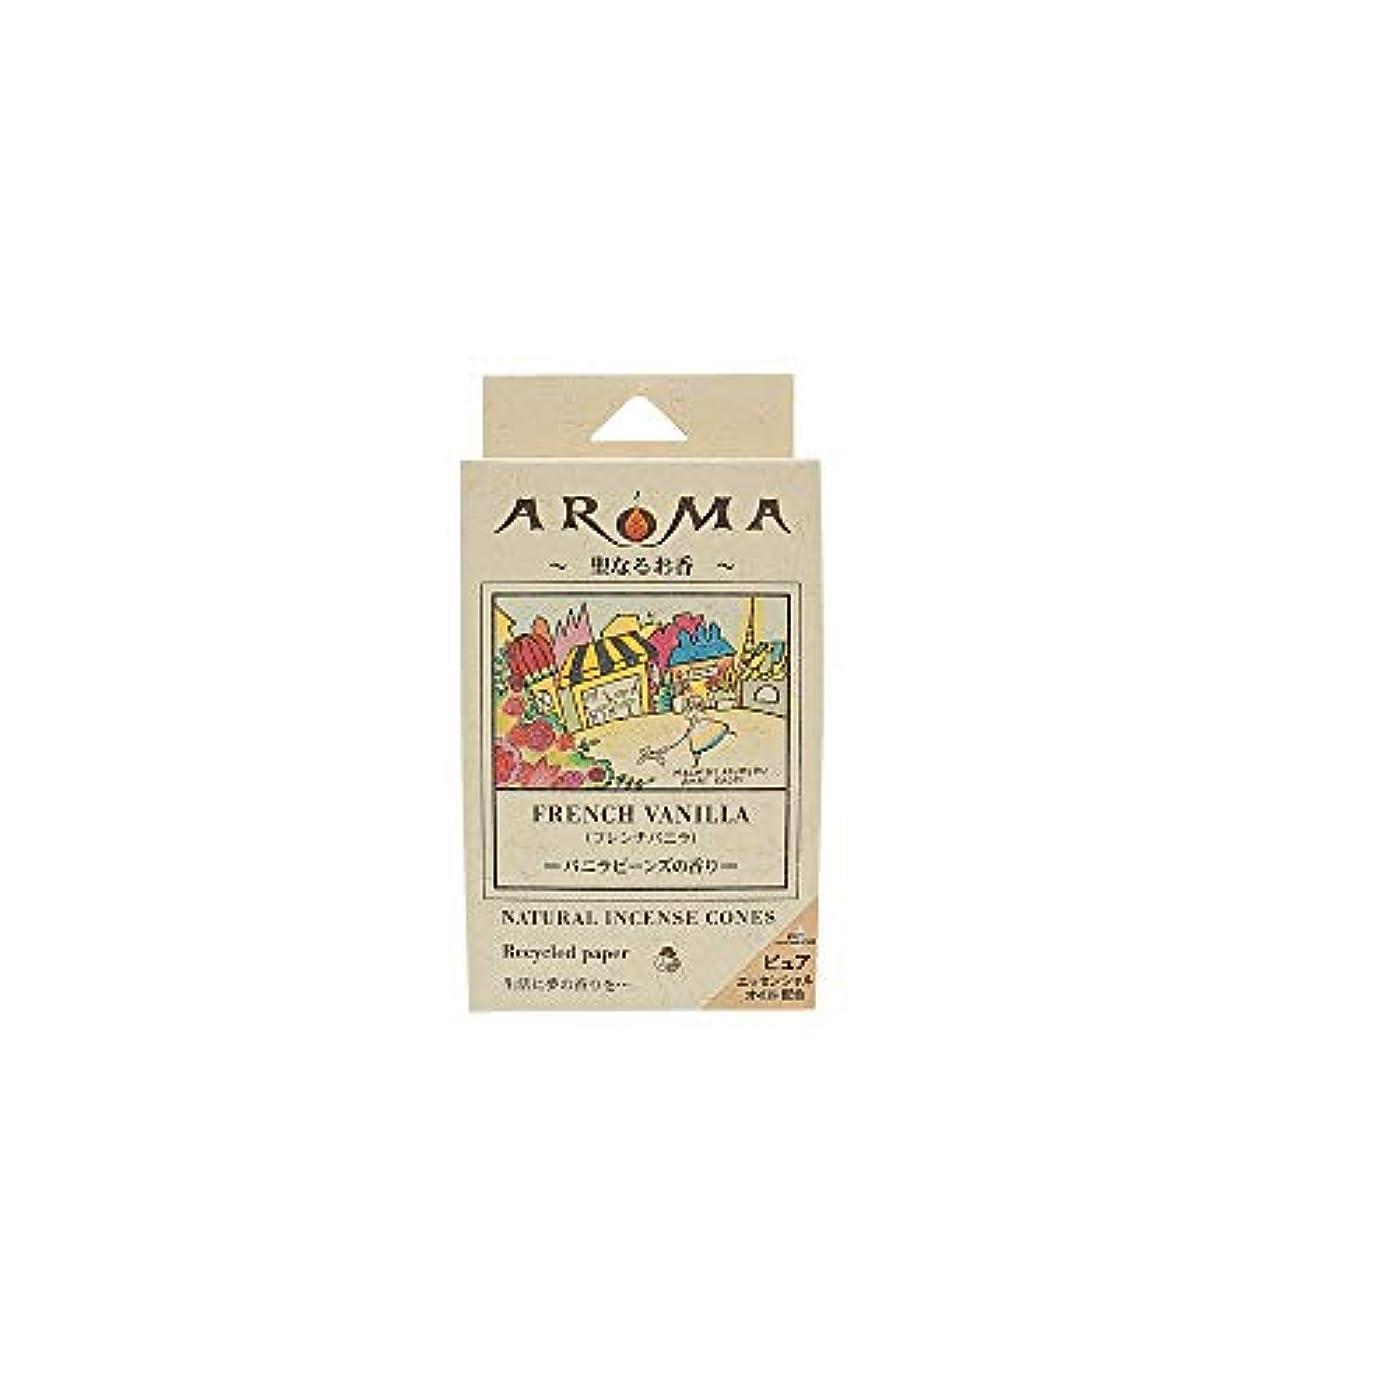 常にサンプル飢えアロマ香 フレンチバニラ 16粒(コーンタイプインセンス 1粒の燃焼時間約20分 バニラビーンズの香り)